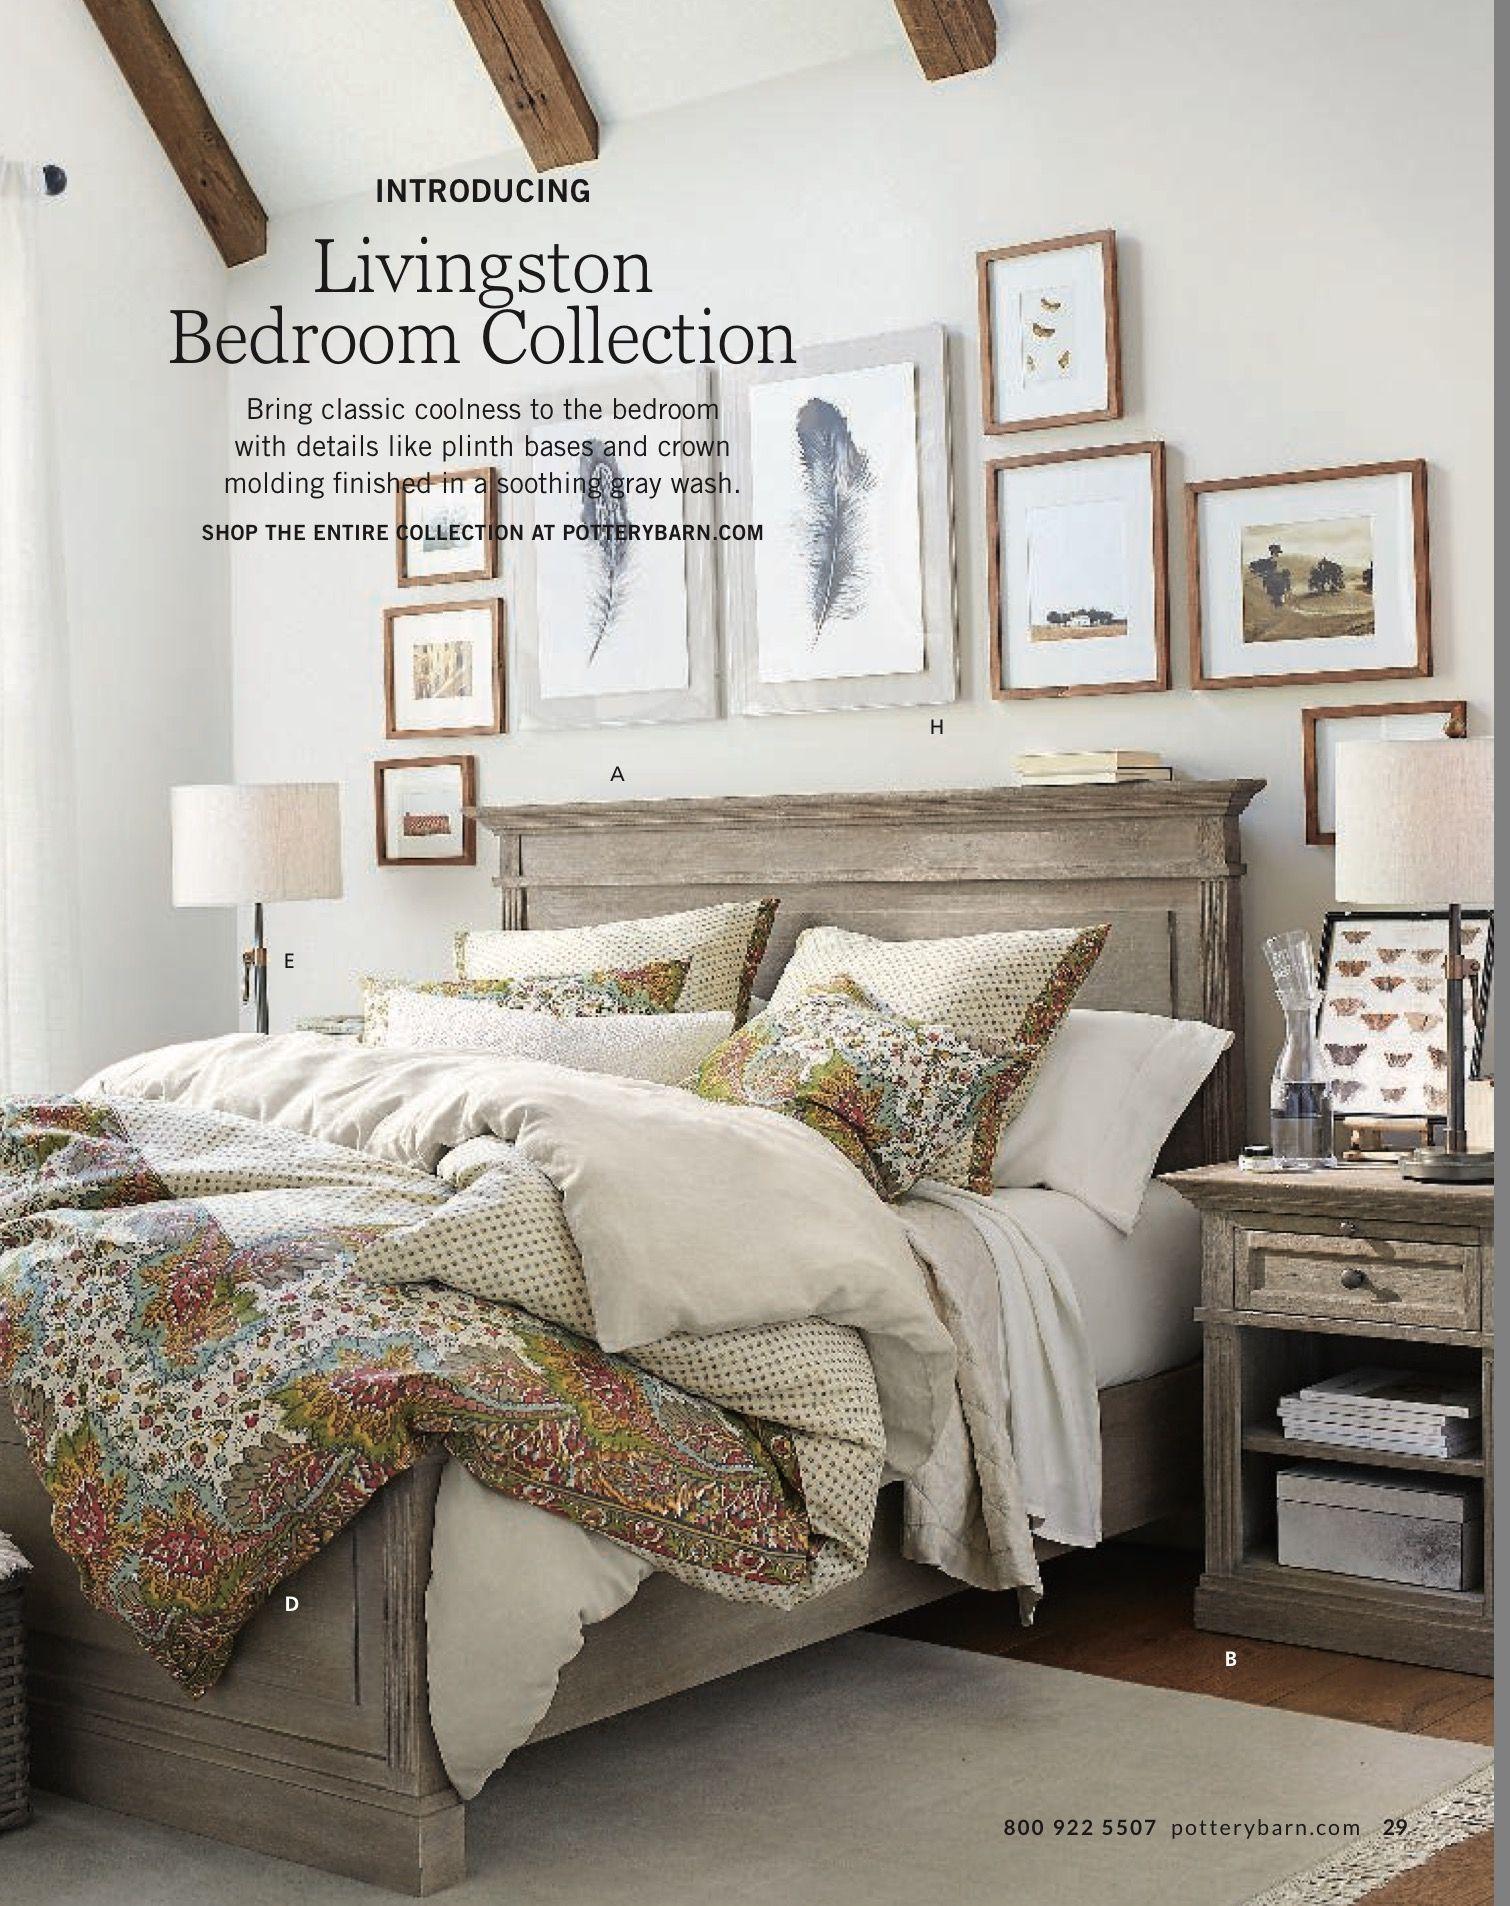 6 Best Bedrooms images  home, bed, bedroom